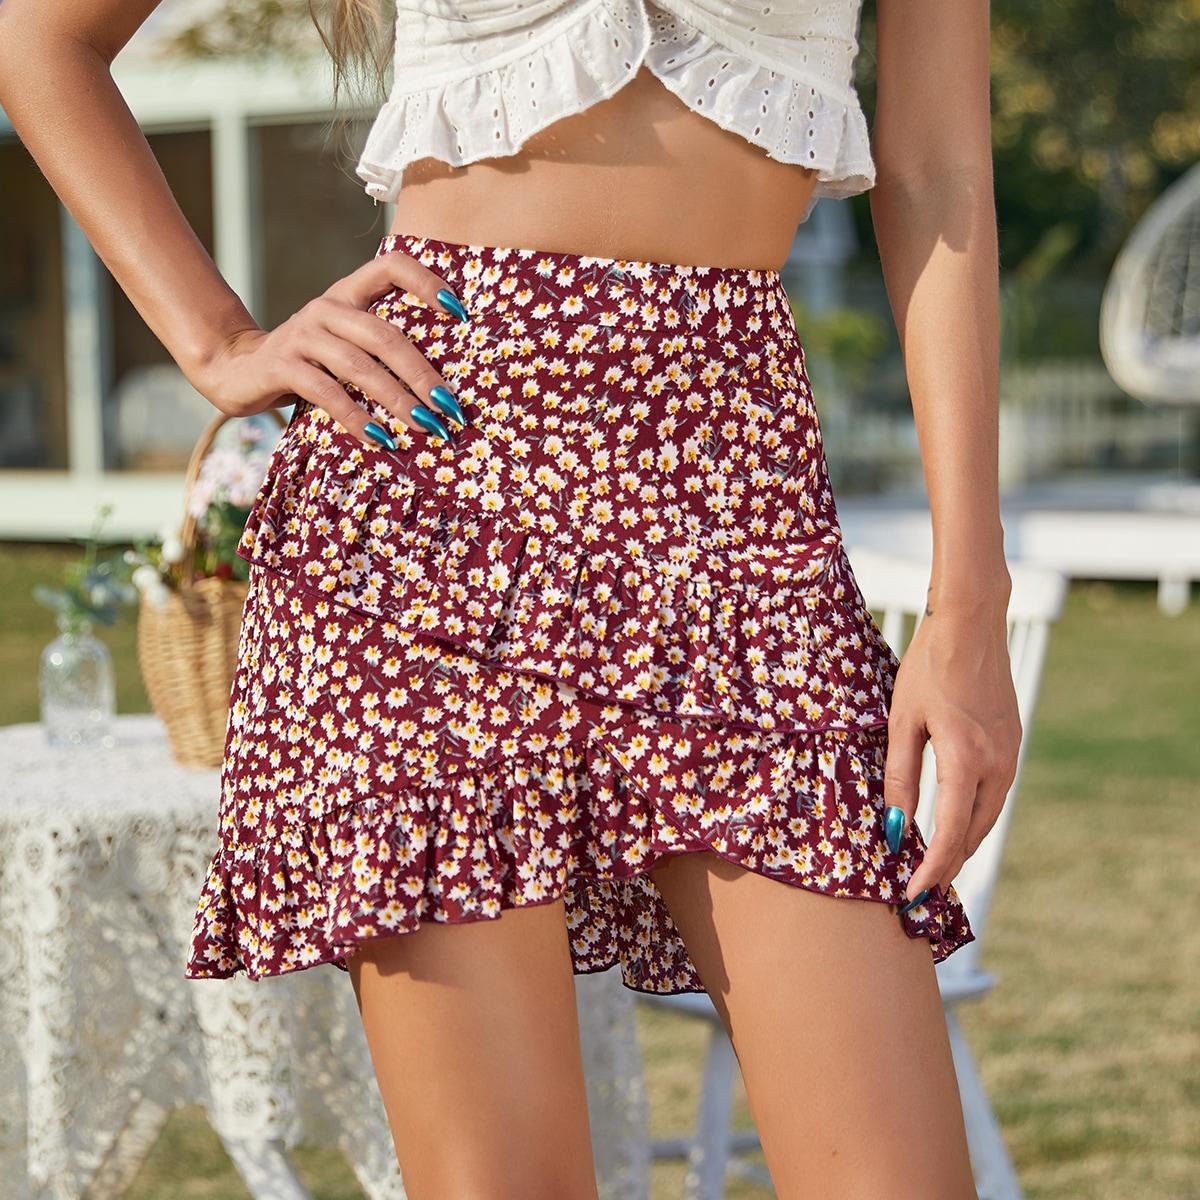 Асимметричная юбка с цветочным принтом по цене 490